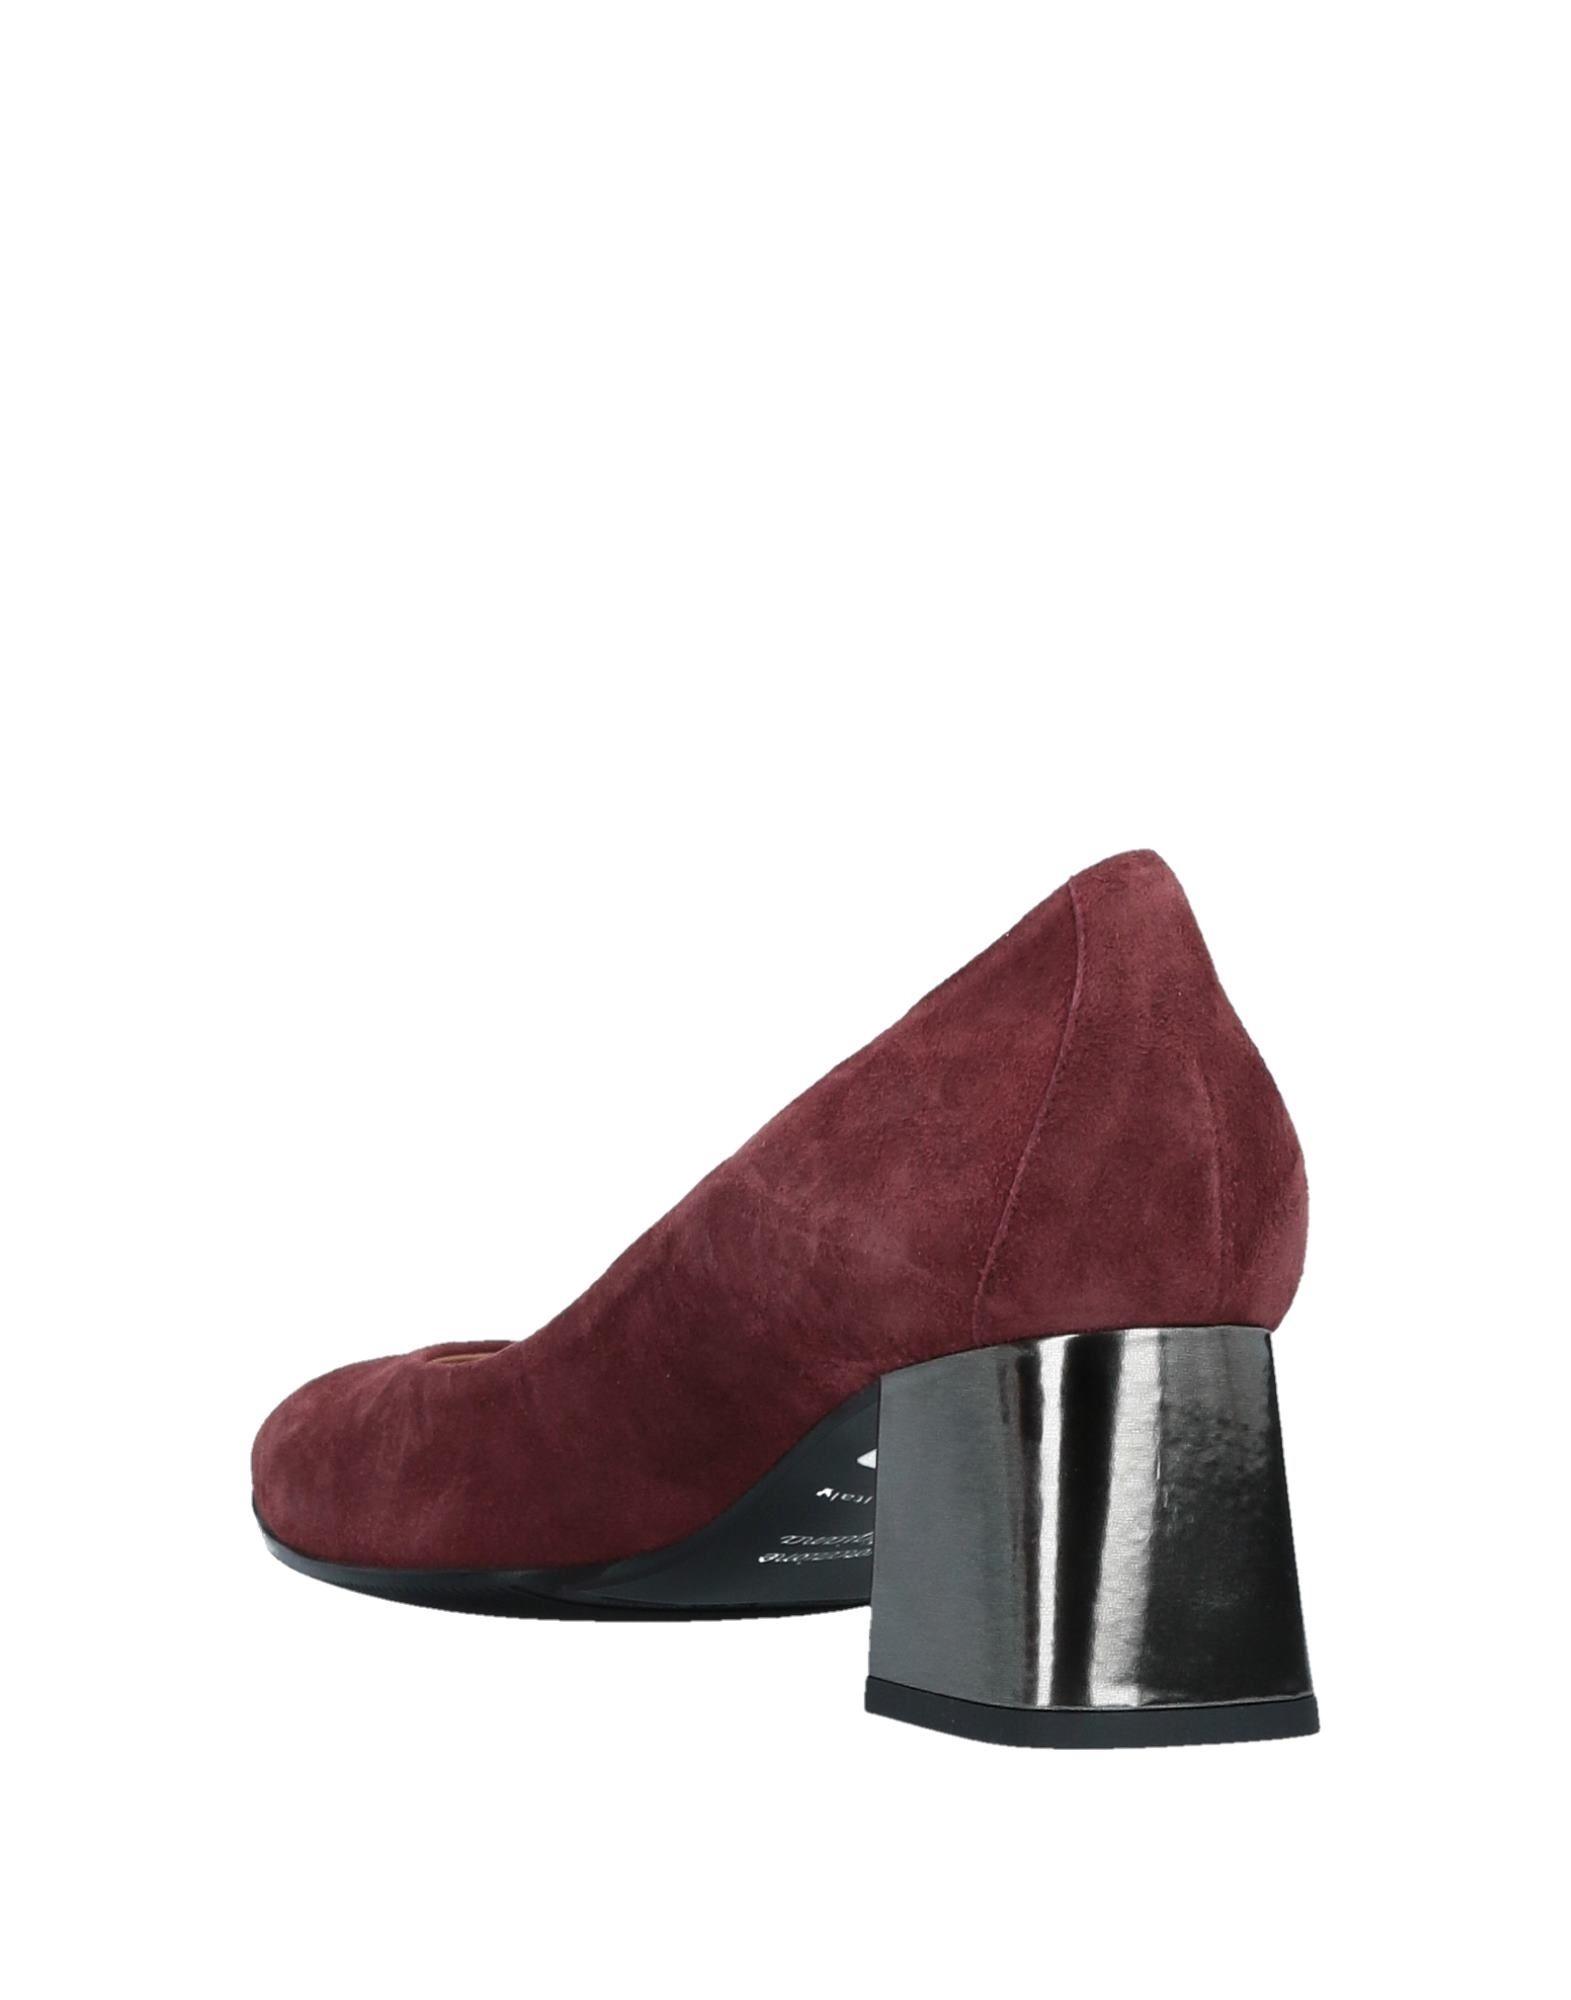 Stilvolle Pumps billige Schuhe F.Lli Bruglia Pumps Stilvolle Damen  11520340AU 82f4b1